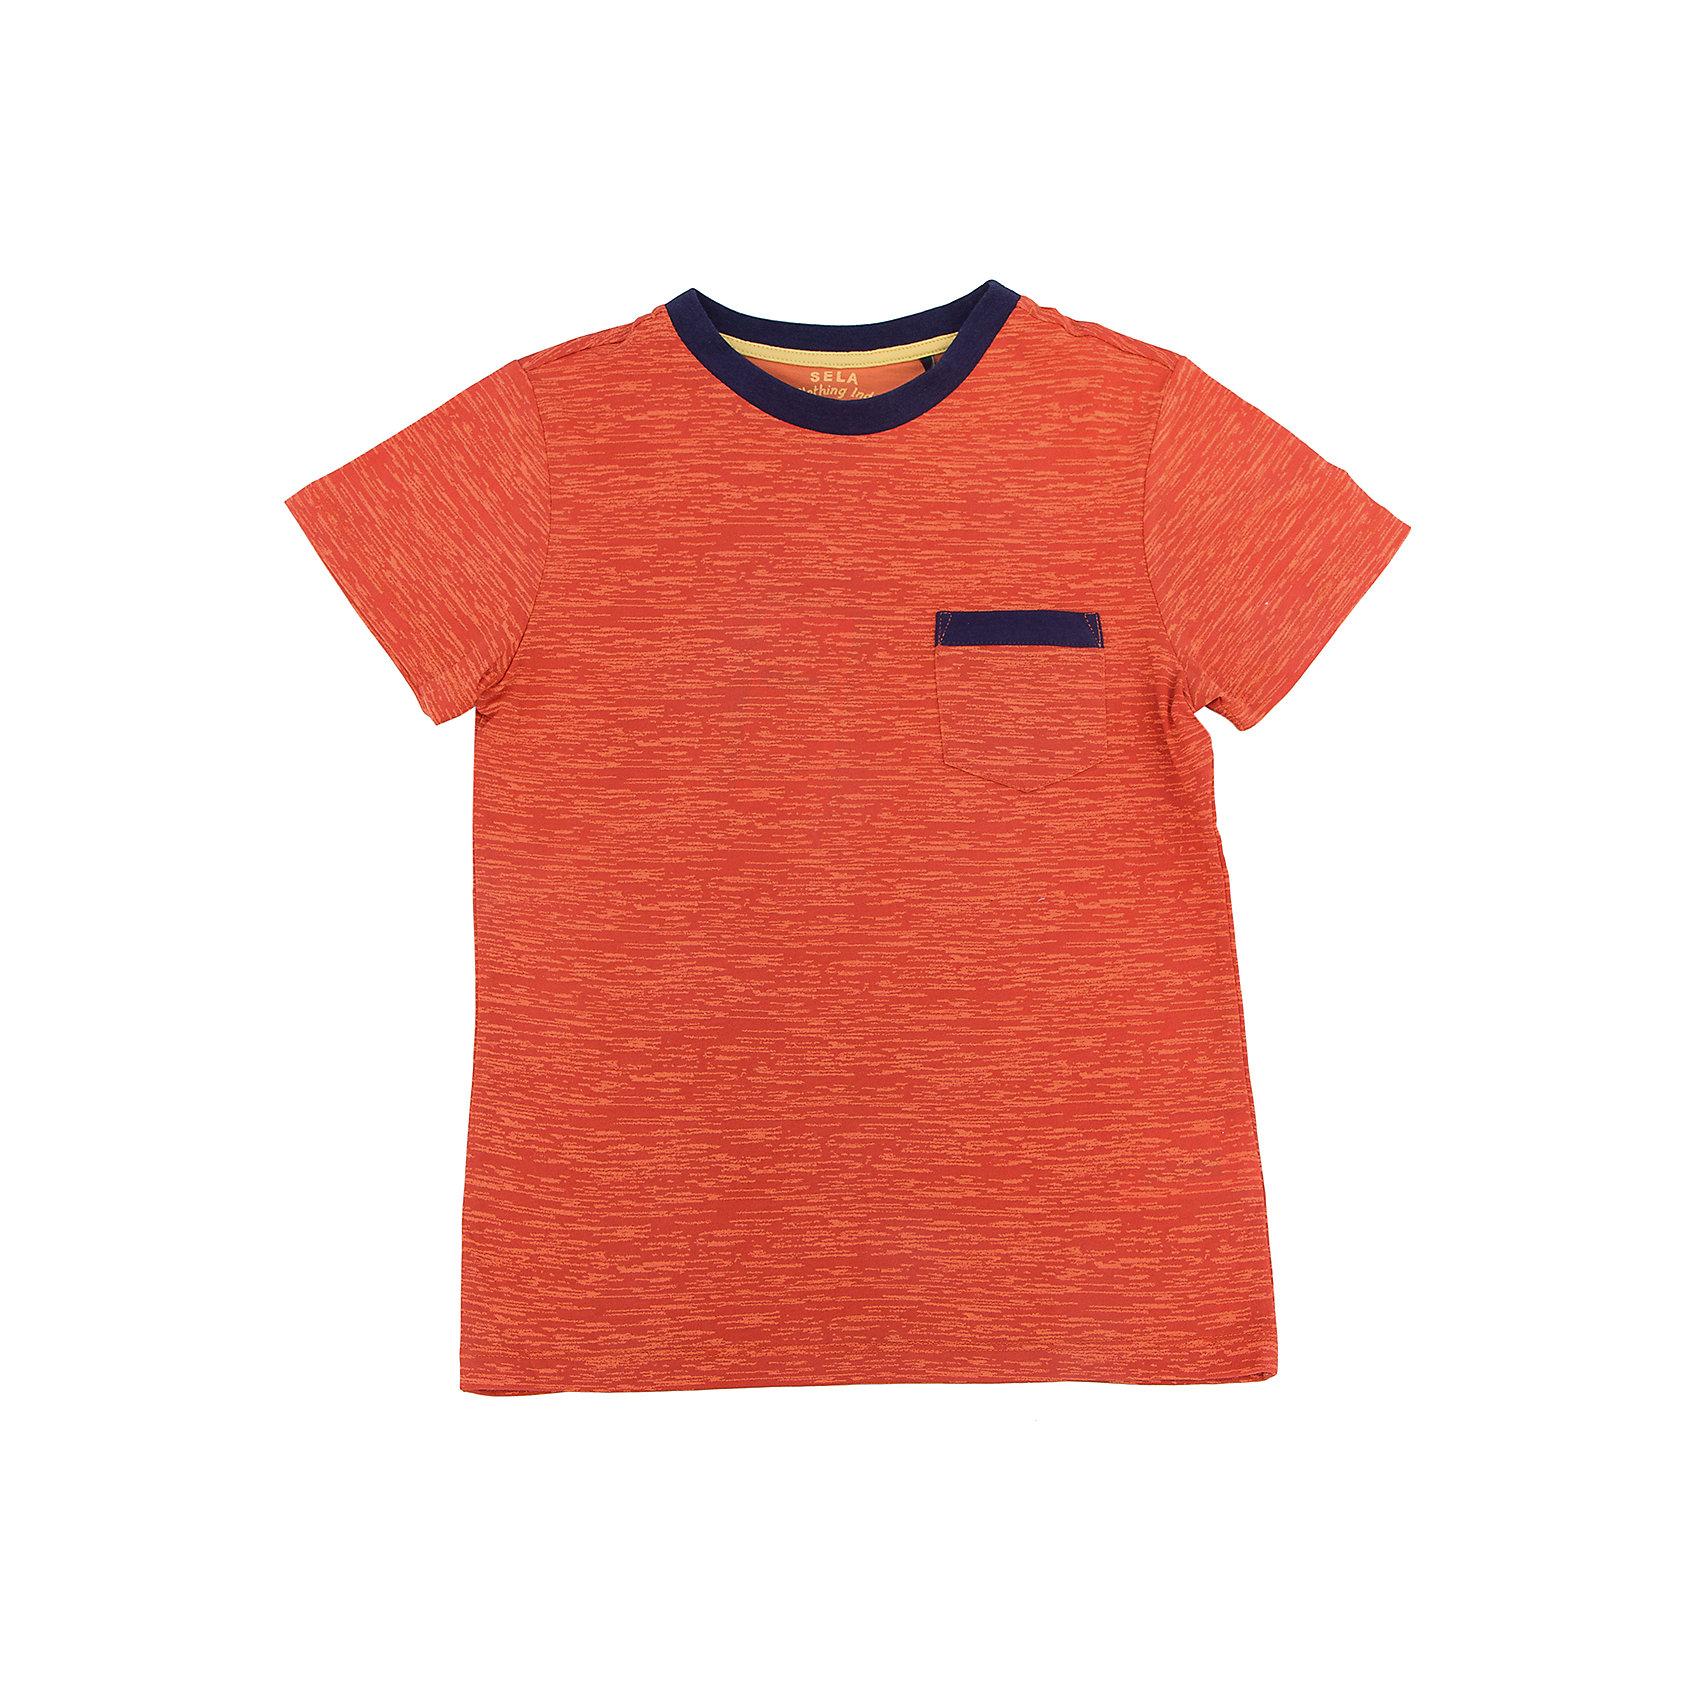 Футболка для мальчика SELAНижнее бельё<br>Характеристики товара:<br><br>• цвет: оранжевый<br>• состав: 60% хлопок, 40% ПЭ<br>• принт<br>• короткие рукава<br>• округлый горловой вырез<br>• страна бренда: Российская Федерация<br><br>В новой коллекции SELA отличные модели одежды! Эта футболка для мальчика поможет разнообразить гардероб ребенка и обеспечить комфорт. Она отлично сочетается с джинсами и брюками. Удобная базовая вещь!<br><br>Футболку для мальчика от популярного бренда SELA (СЕЛА) можно купить в нашем интернет-магазине.<br><br>Ширина мм: 230<br>Глубина мм: 40<br>Высота мм: 220<br>Вес г: 250<br>Цвет: оранжевый<br>Возраст от месяцев: 96<br>Возраст до месяцев: 108<br>Пол: Мужской<br>Возраст: Детский<br>Размер: 134,140,146,152,116,122,128<br>SKU: 5303977